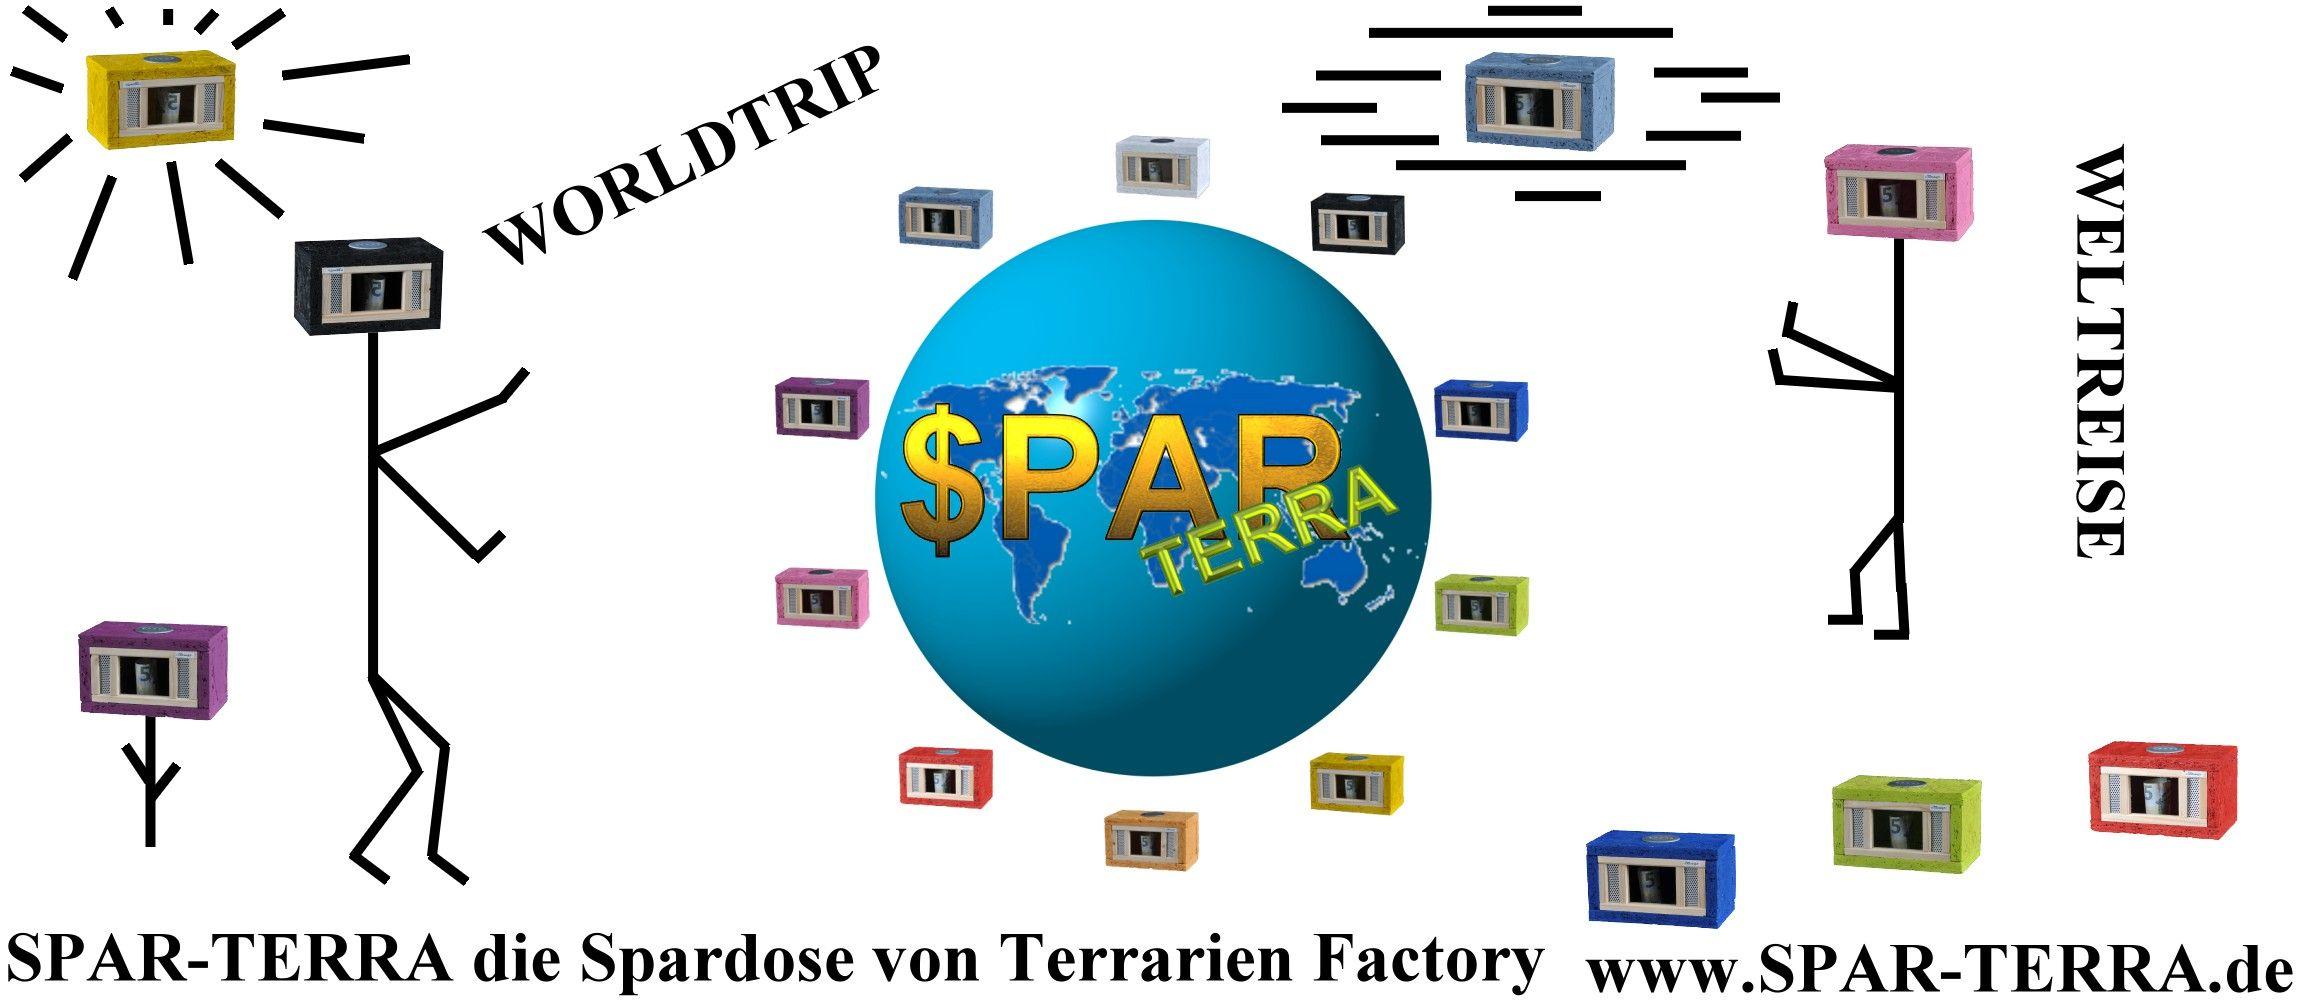 Reise mit SPAR-TERRA um die Welt und gewinne mit etwas Glück ein SPAR-TERRA nach Wahl.  Hier der Link zum Weltreise-Gewinnspiel: https://www.facebook.com/Spar.Terra/photos/a.199299216888734.1073741828.198096347009021/325134977638490/?type=1&theater